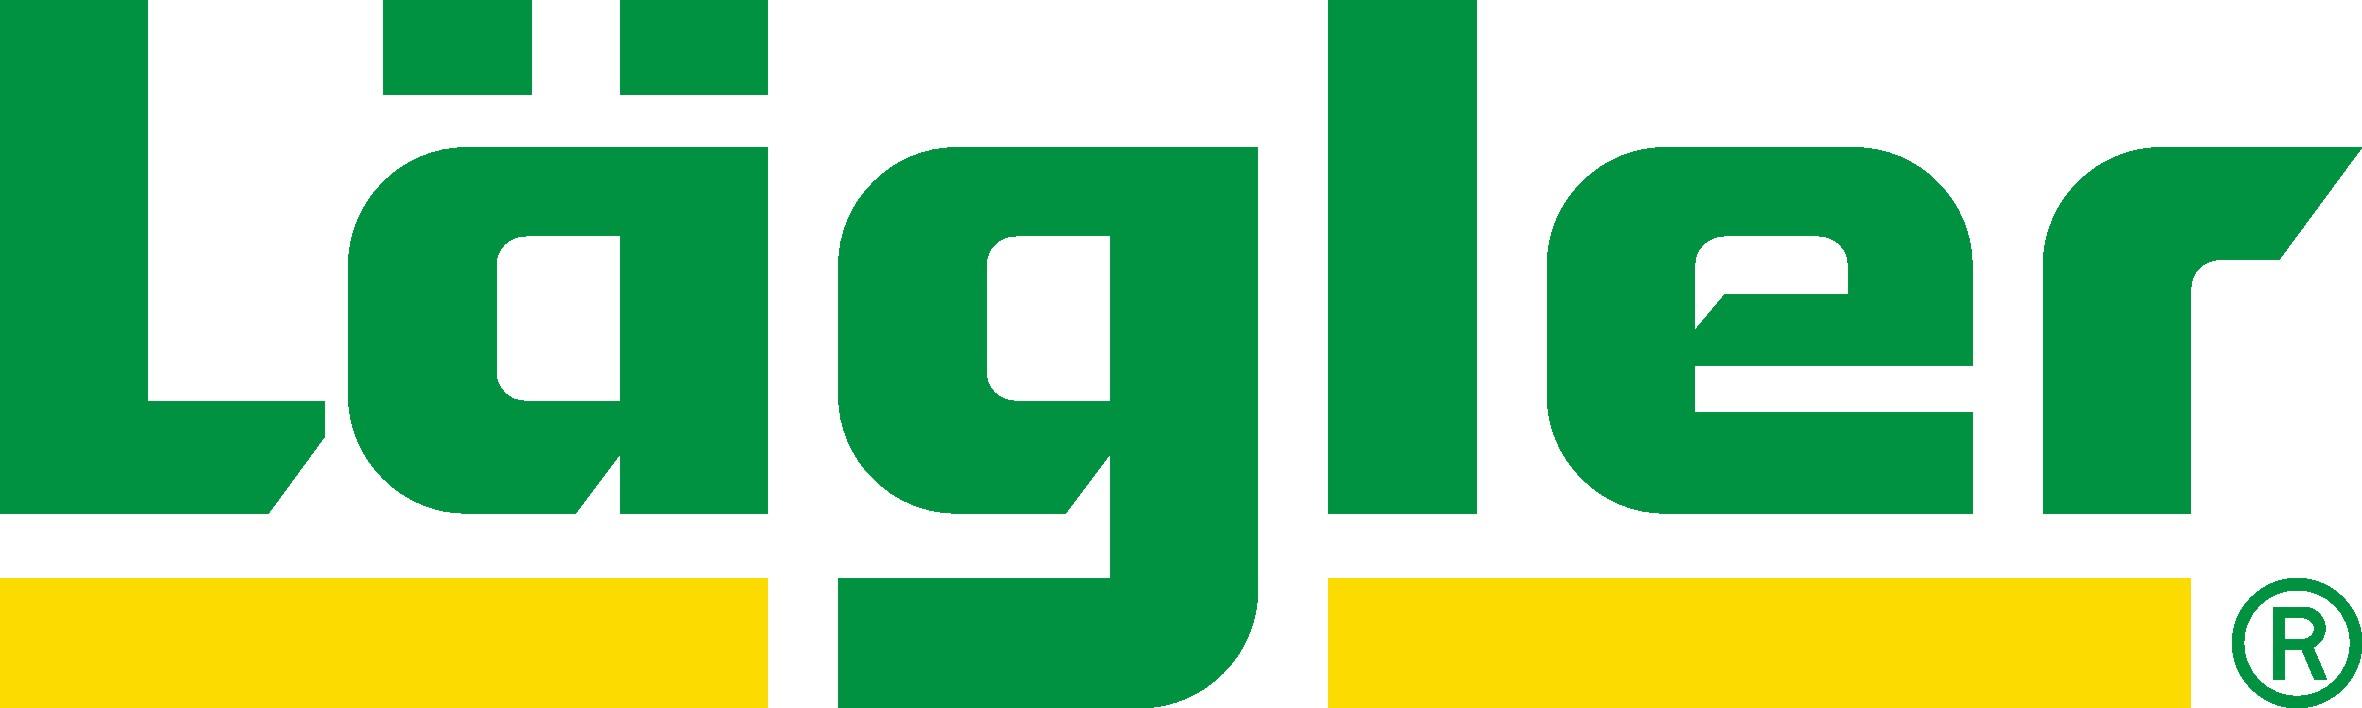 logo-lagler